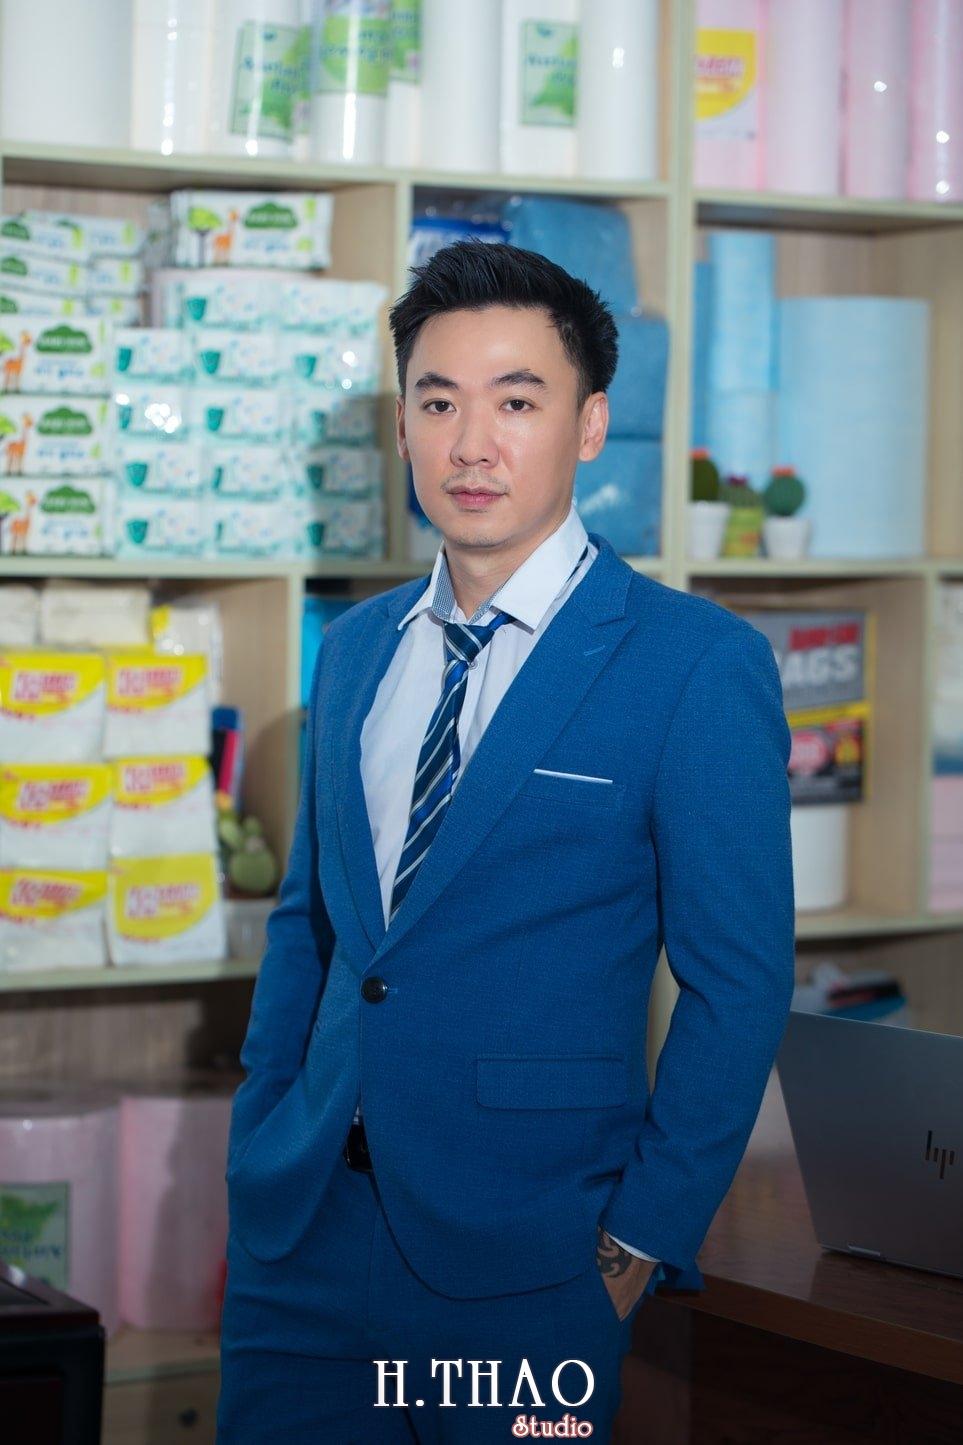 Ricky 5 - Bộ ảnh giám đốc Ricky lịch lãm phong cách - HThao Studio